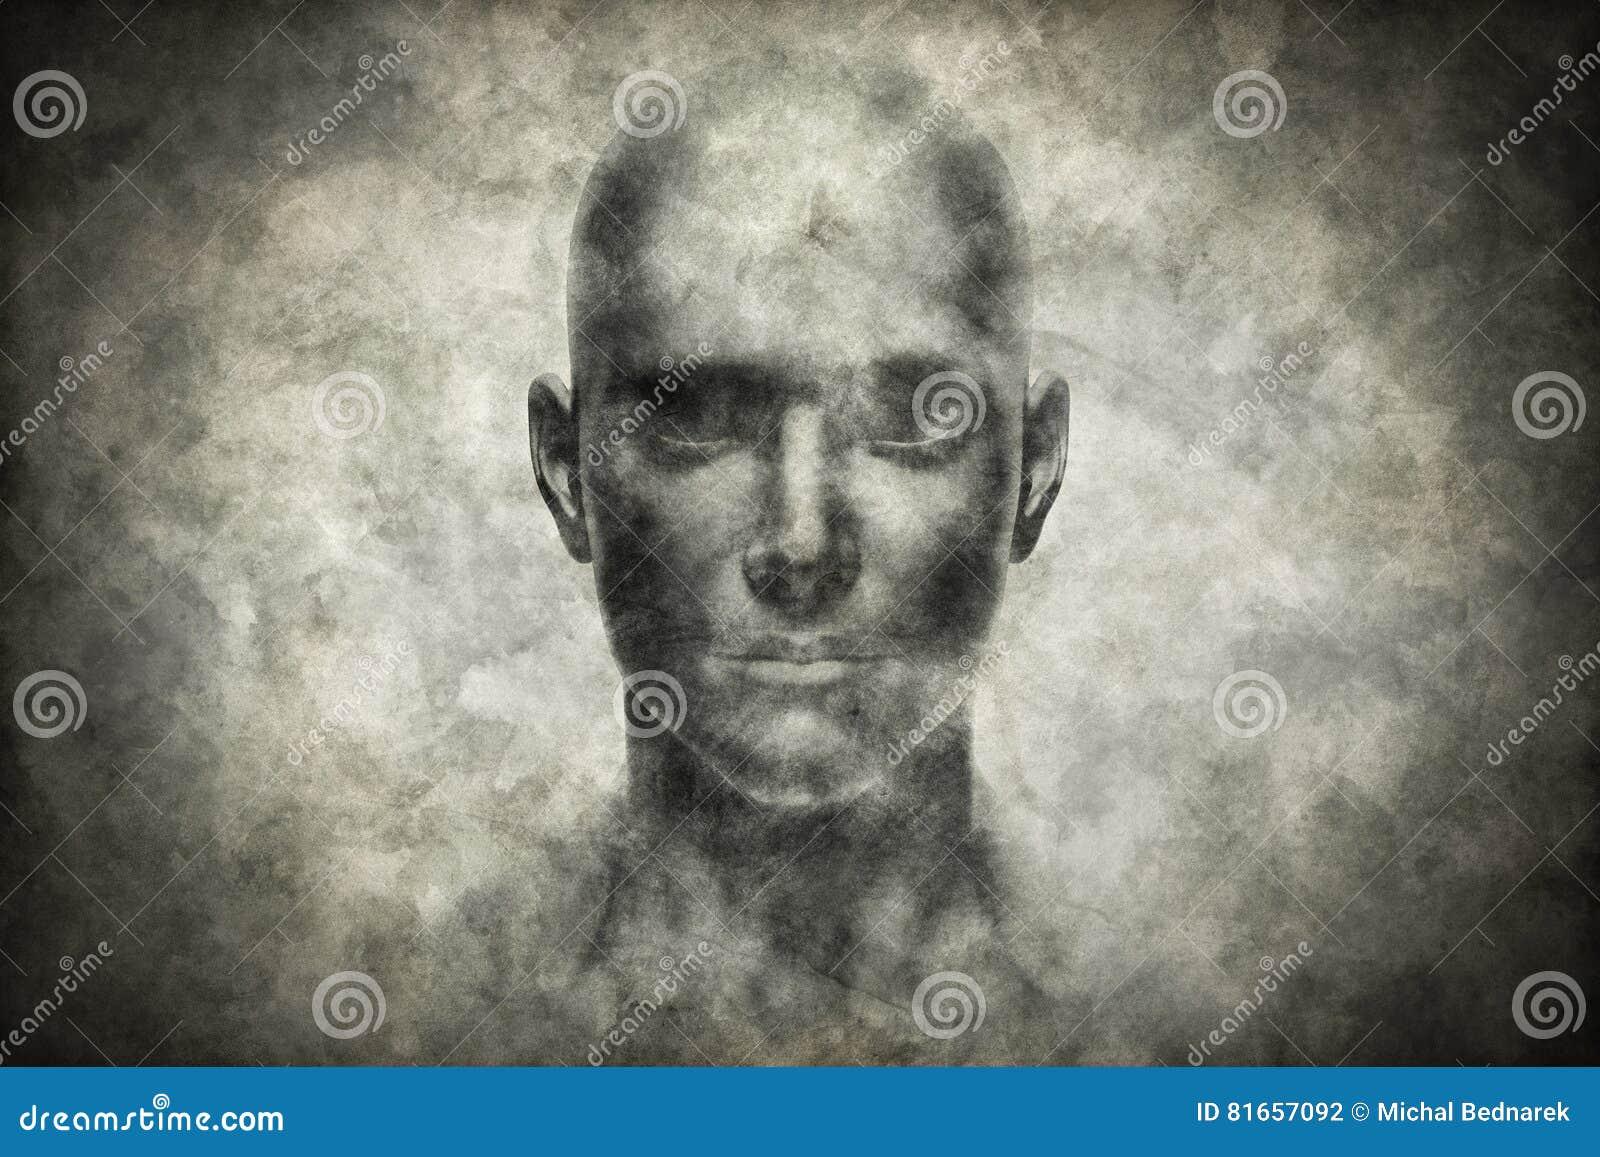 Ritratto del viso umano sulla carta di lerciume